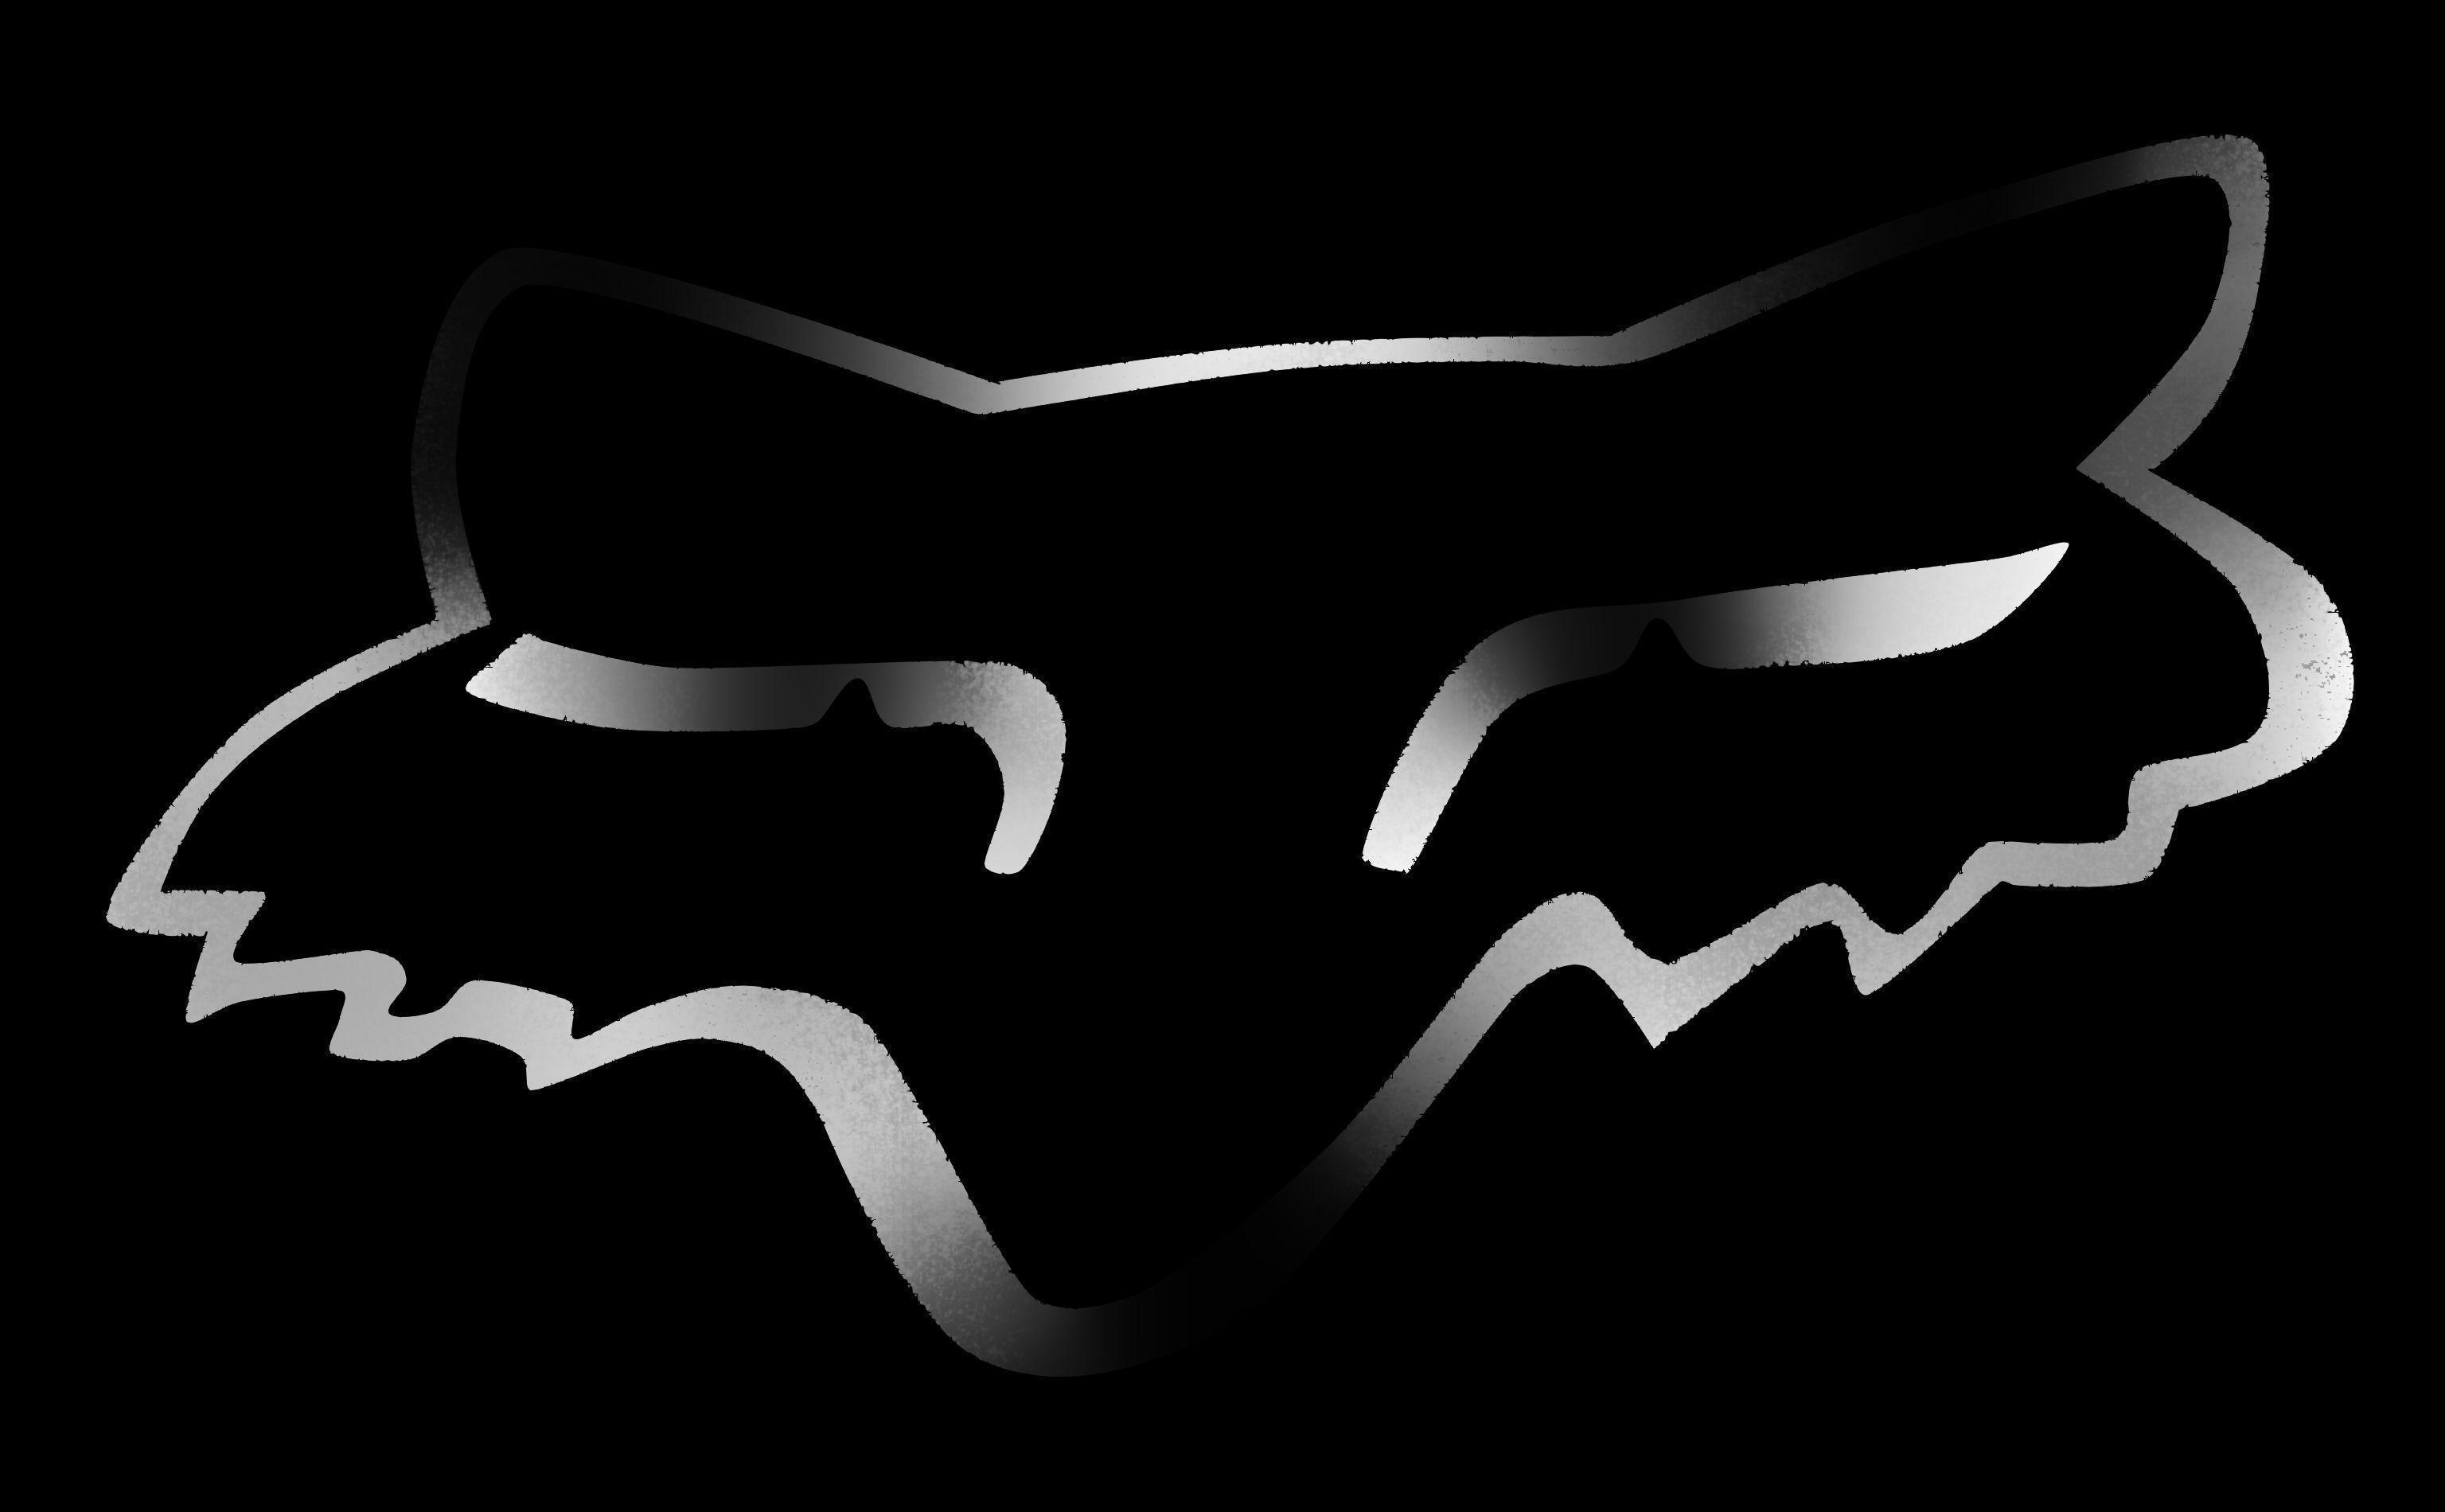 Black Fox Racing Wallpaper Paravu Com Hd Wallpaper And